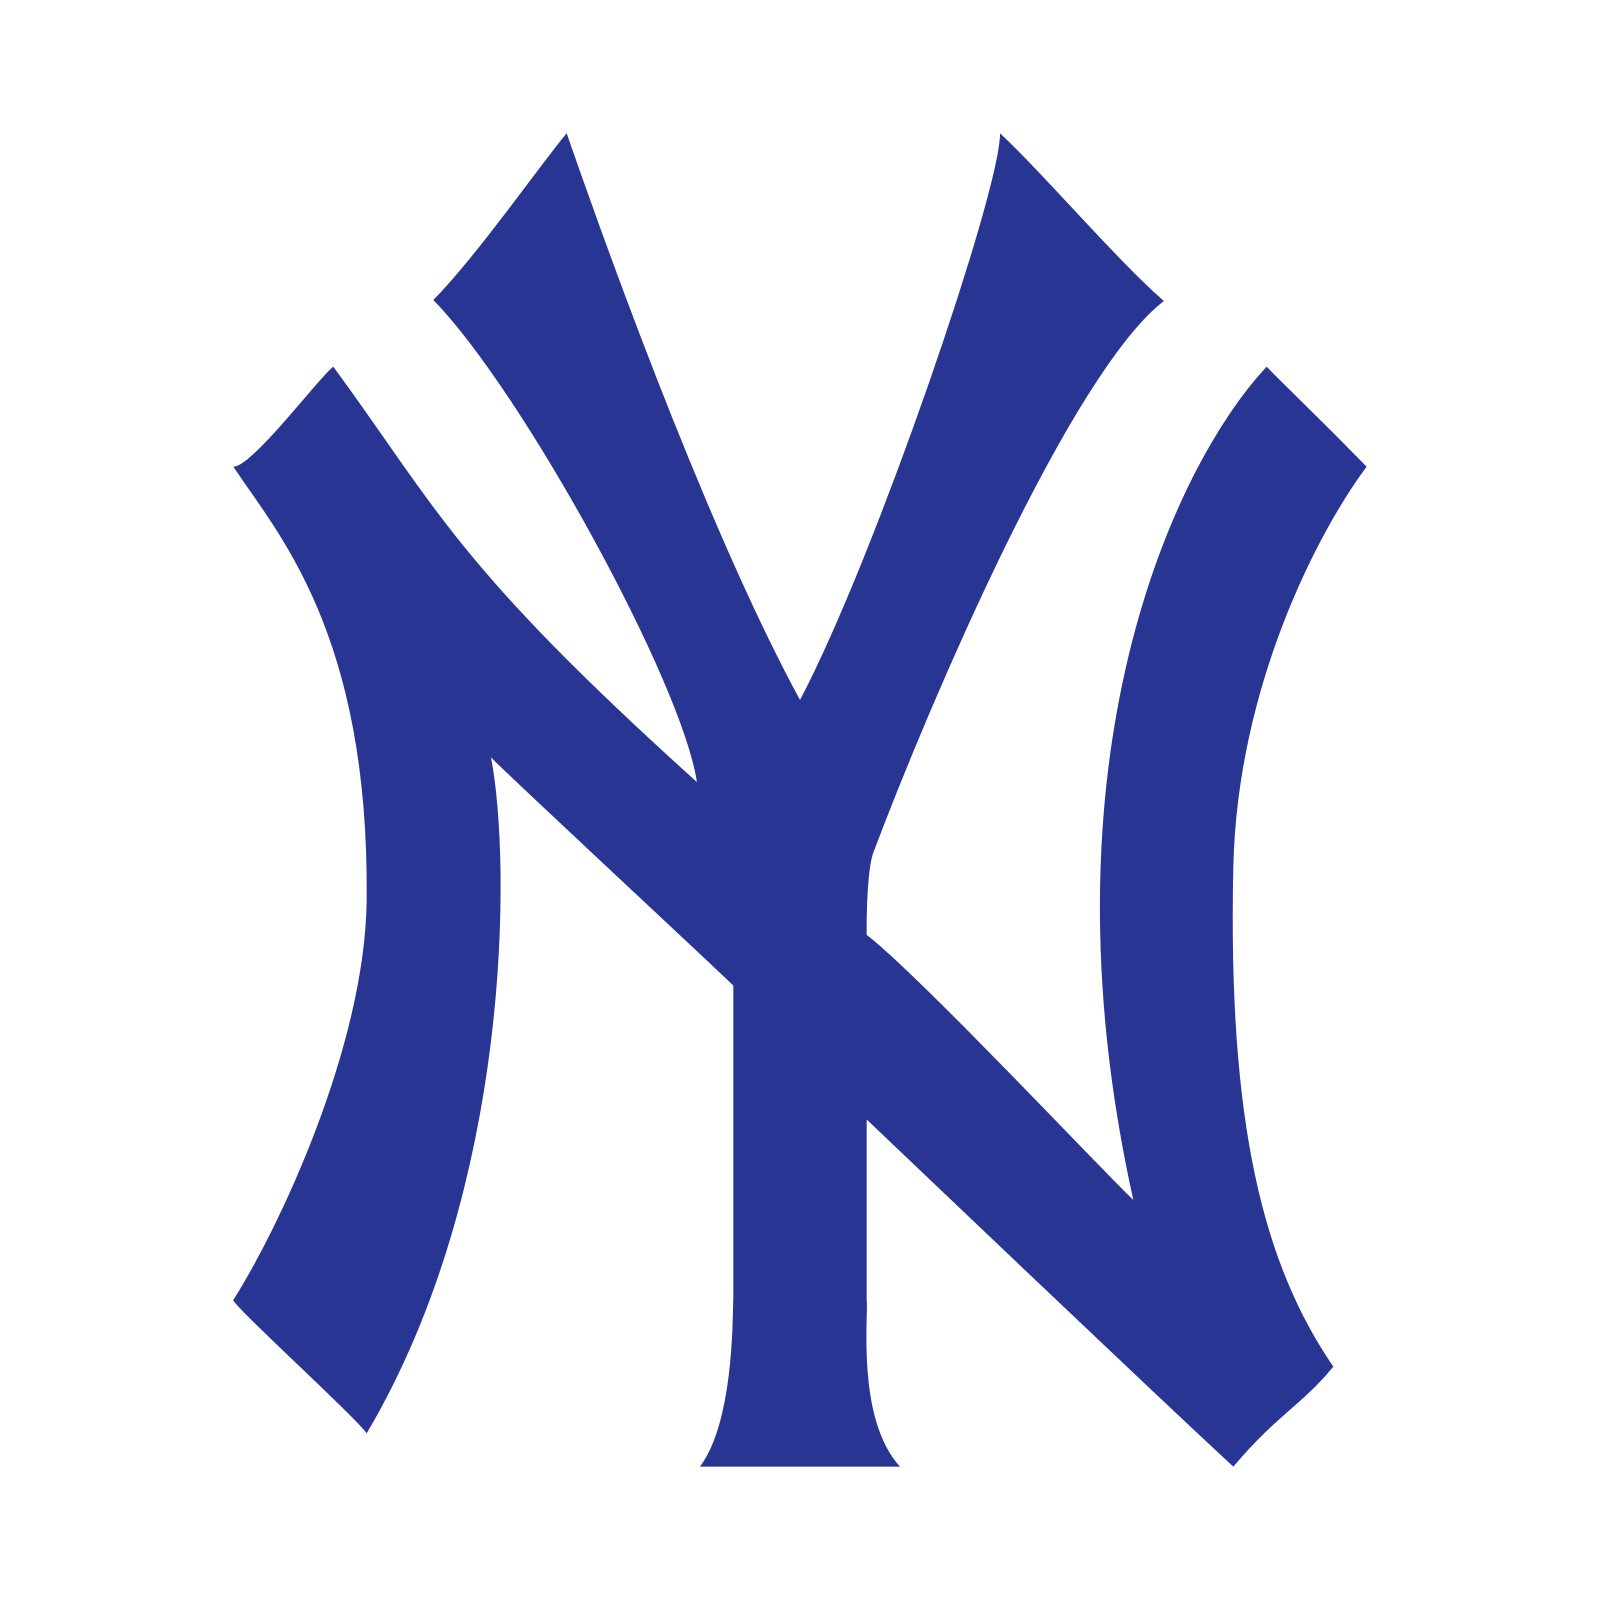 1600x1600 New York Yankees Coloring